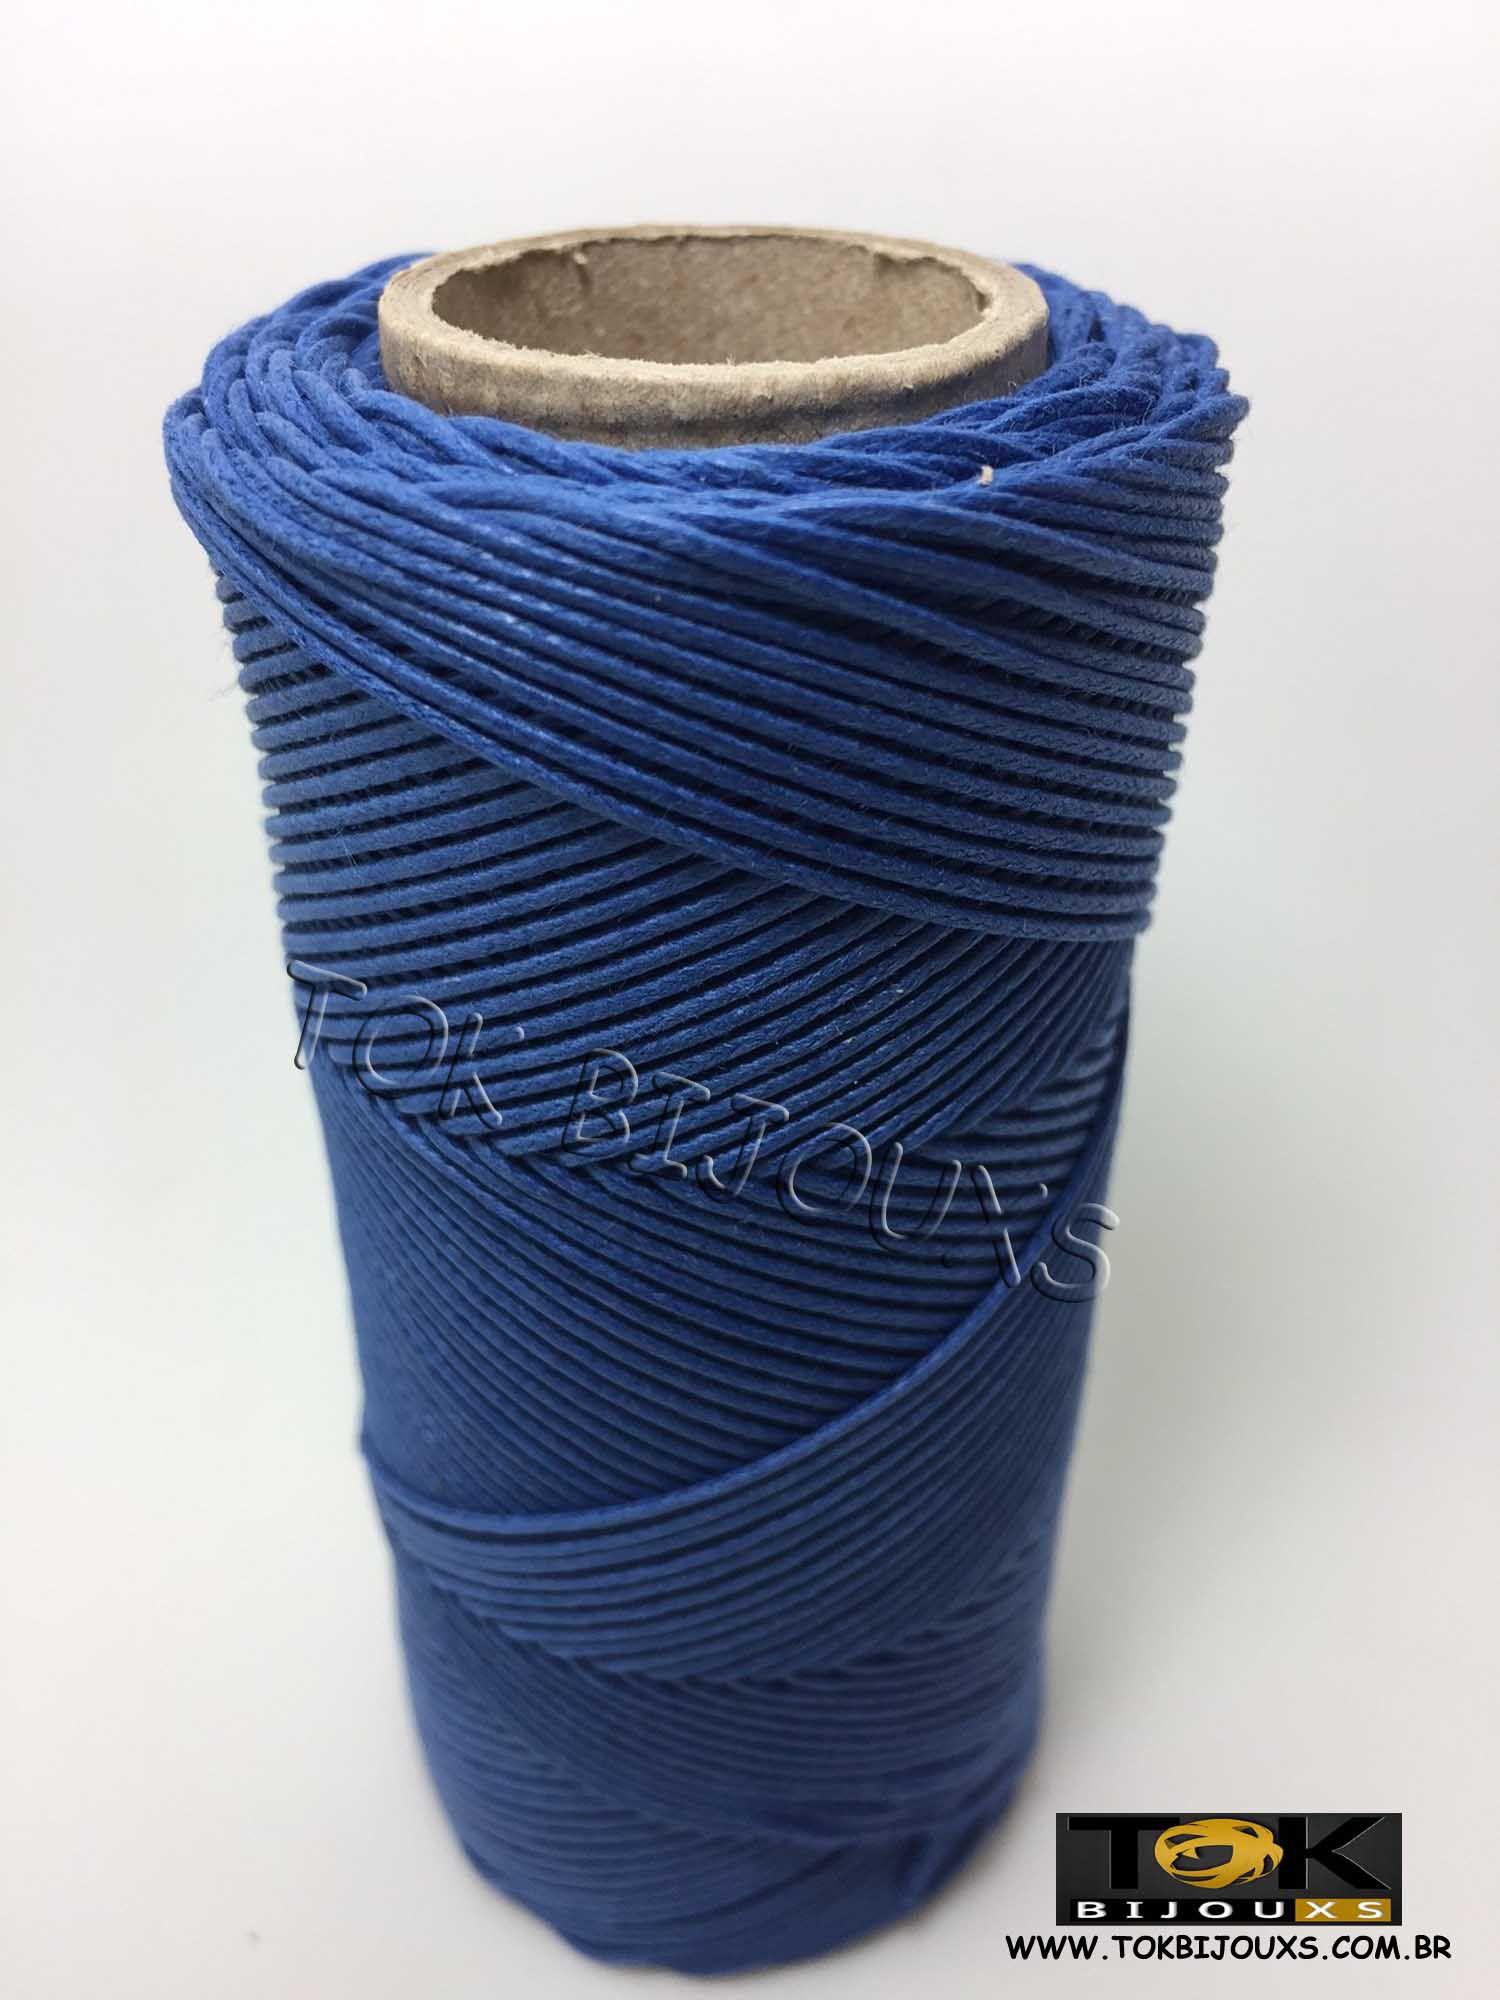 Cordão Encerado Algodão - 1,5mm - Azul Royal